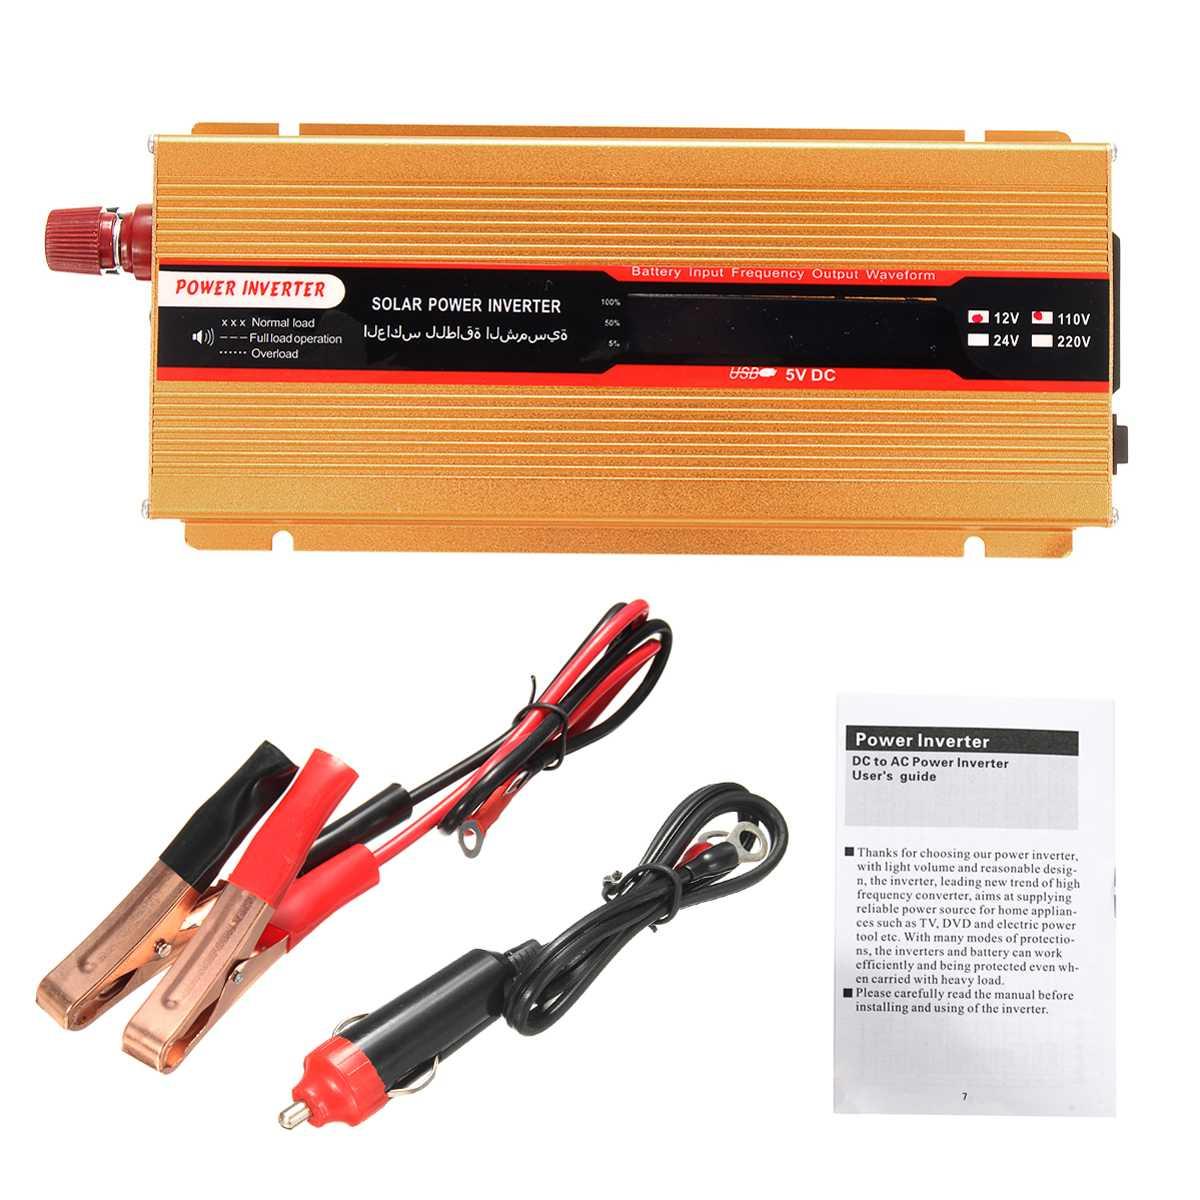 12/24V do AC 220 4000W samochód falownik solarny przetwornica napięcia Adapter USB zmodyfikowany falownik sinusoidalny do samochodu Camping Travaling